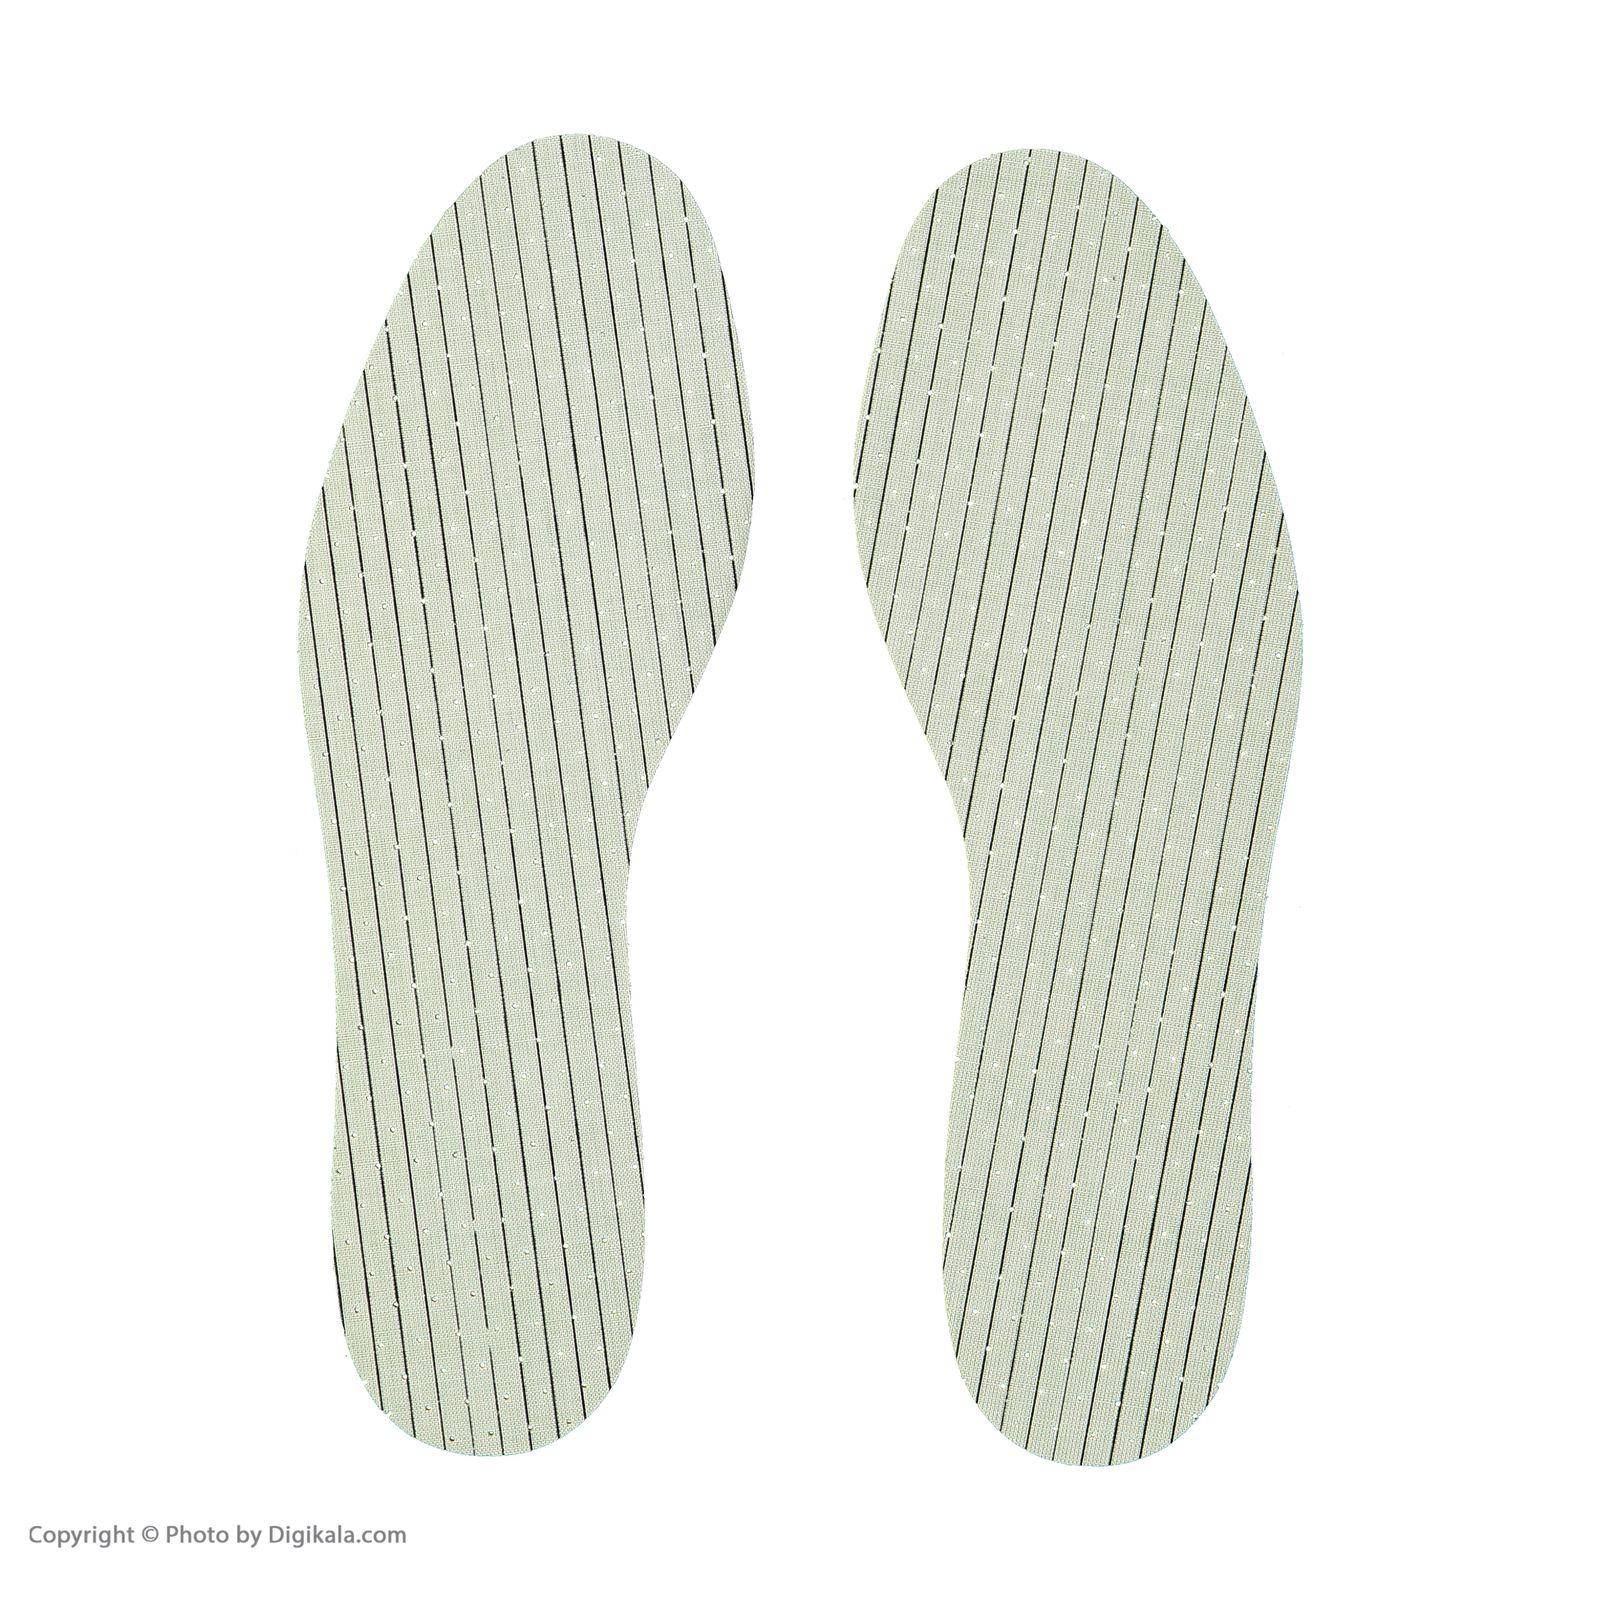 کفي کفش کوایمبرا مدل 1016041 سایز 41 -  - 3